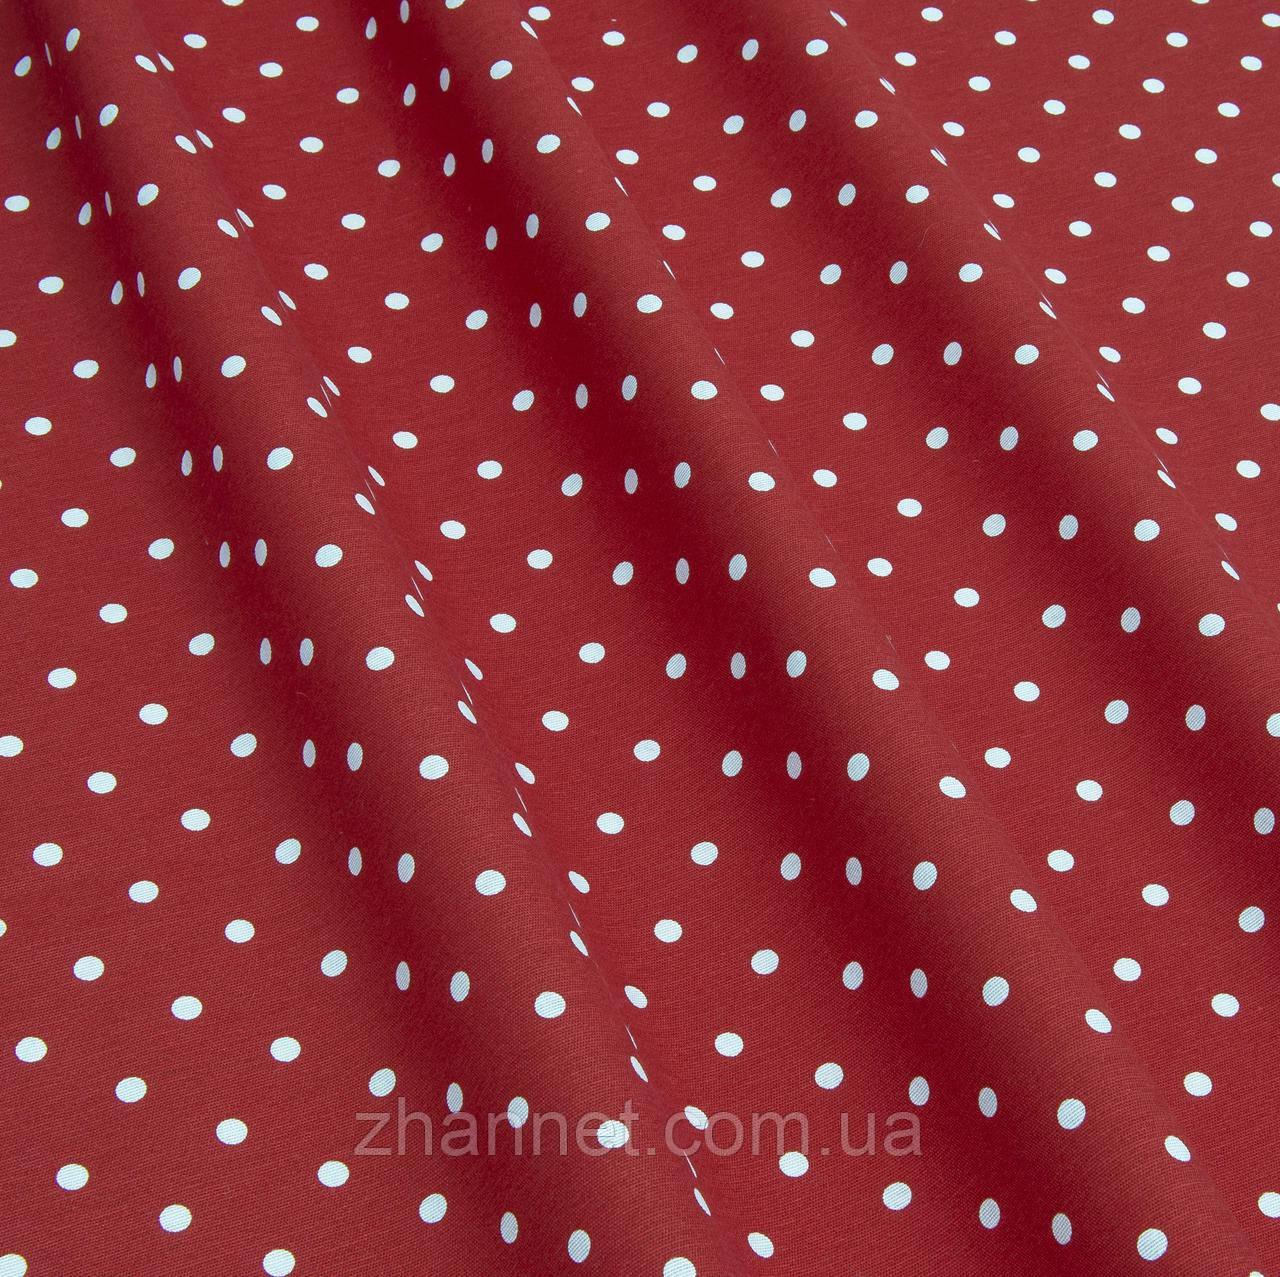 Ткань Sevilla горох красный фон